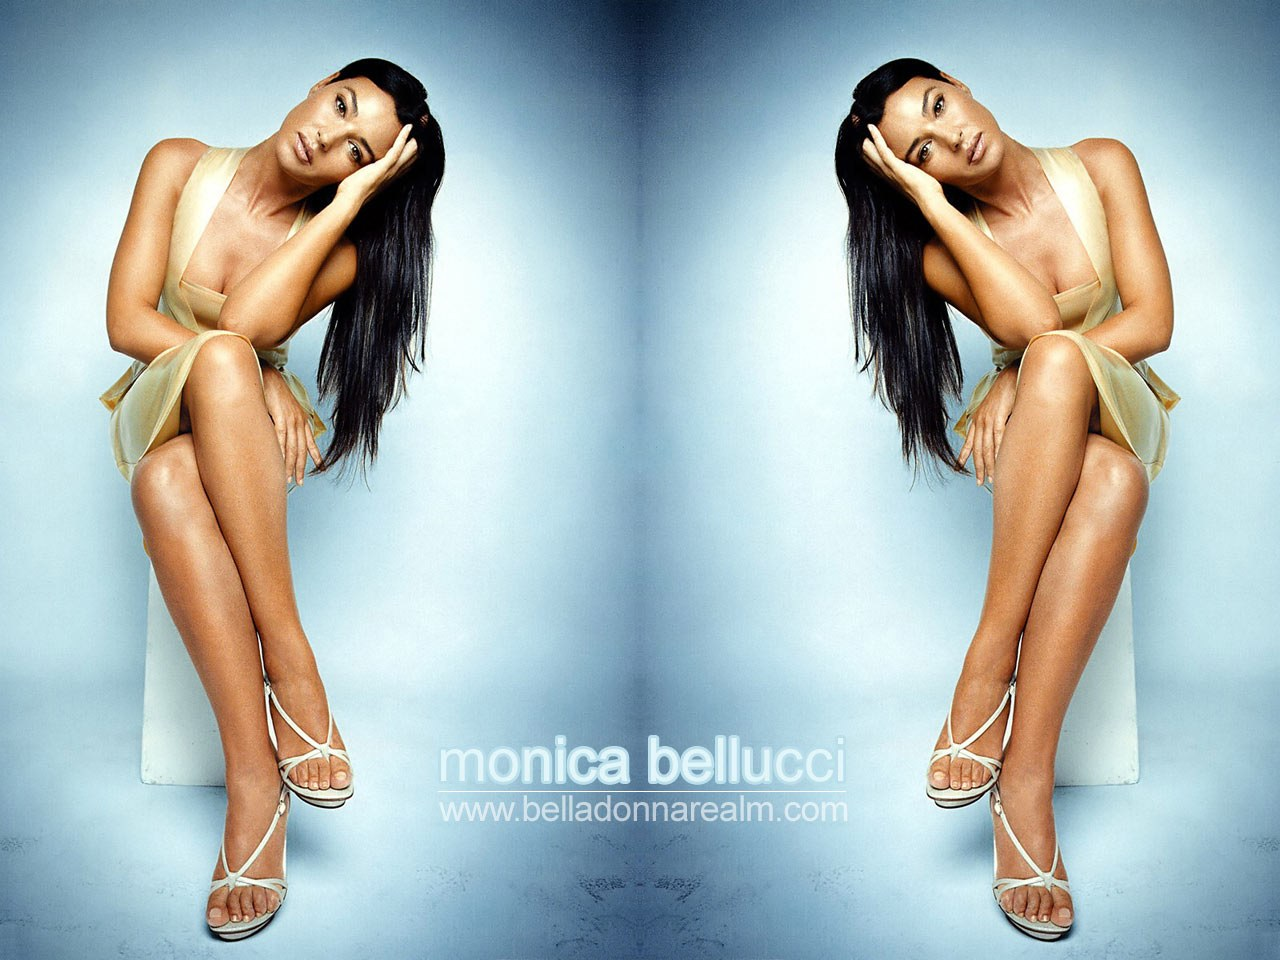 http://4.bp.blogspot.com/-g_o7yjuxFh8/T9HqKjS0x6I/AAAAAAAAI_c/0R6GSV9ytrw/s1600/Monica-Bellucci-Feet-543677.jpg